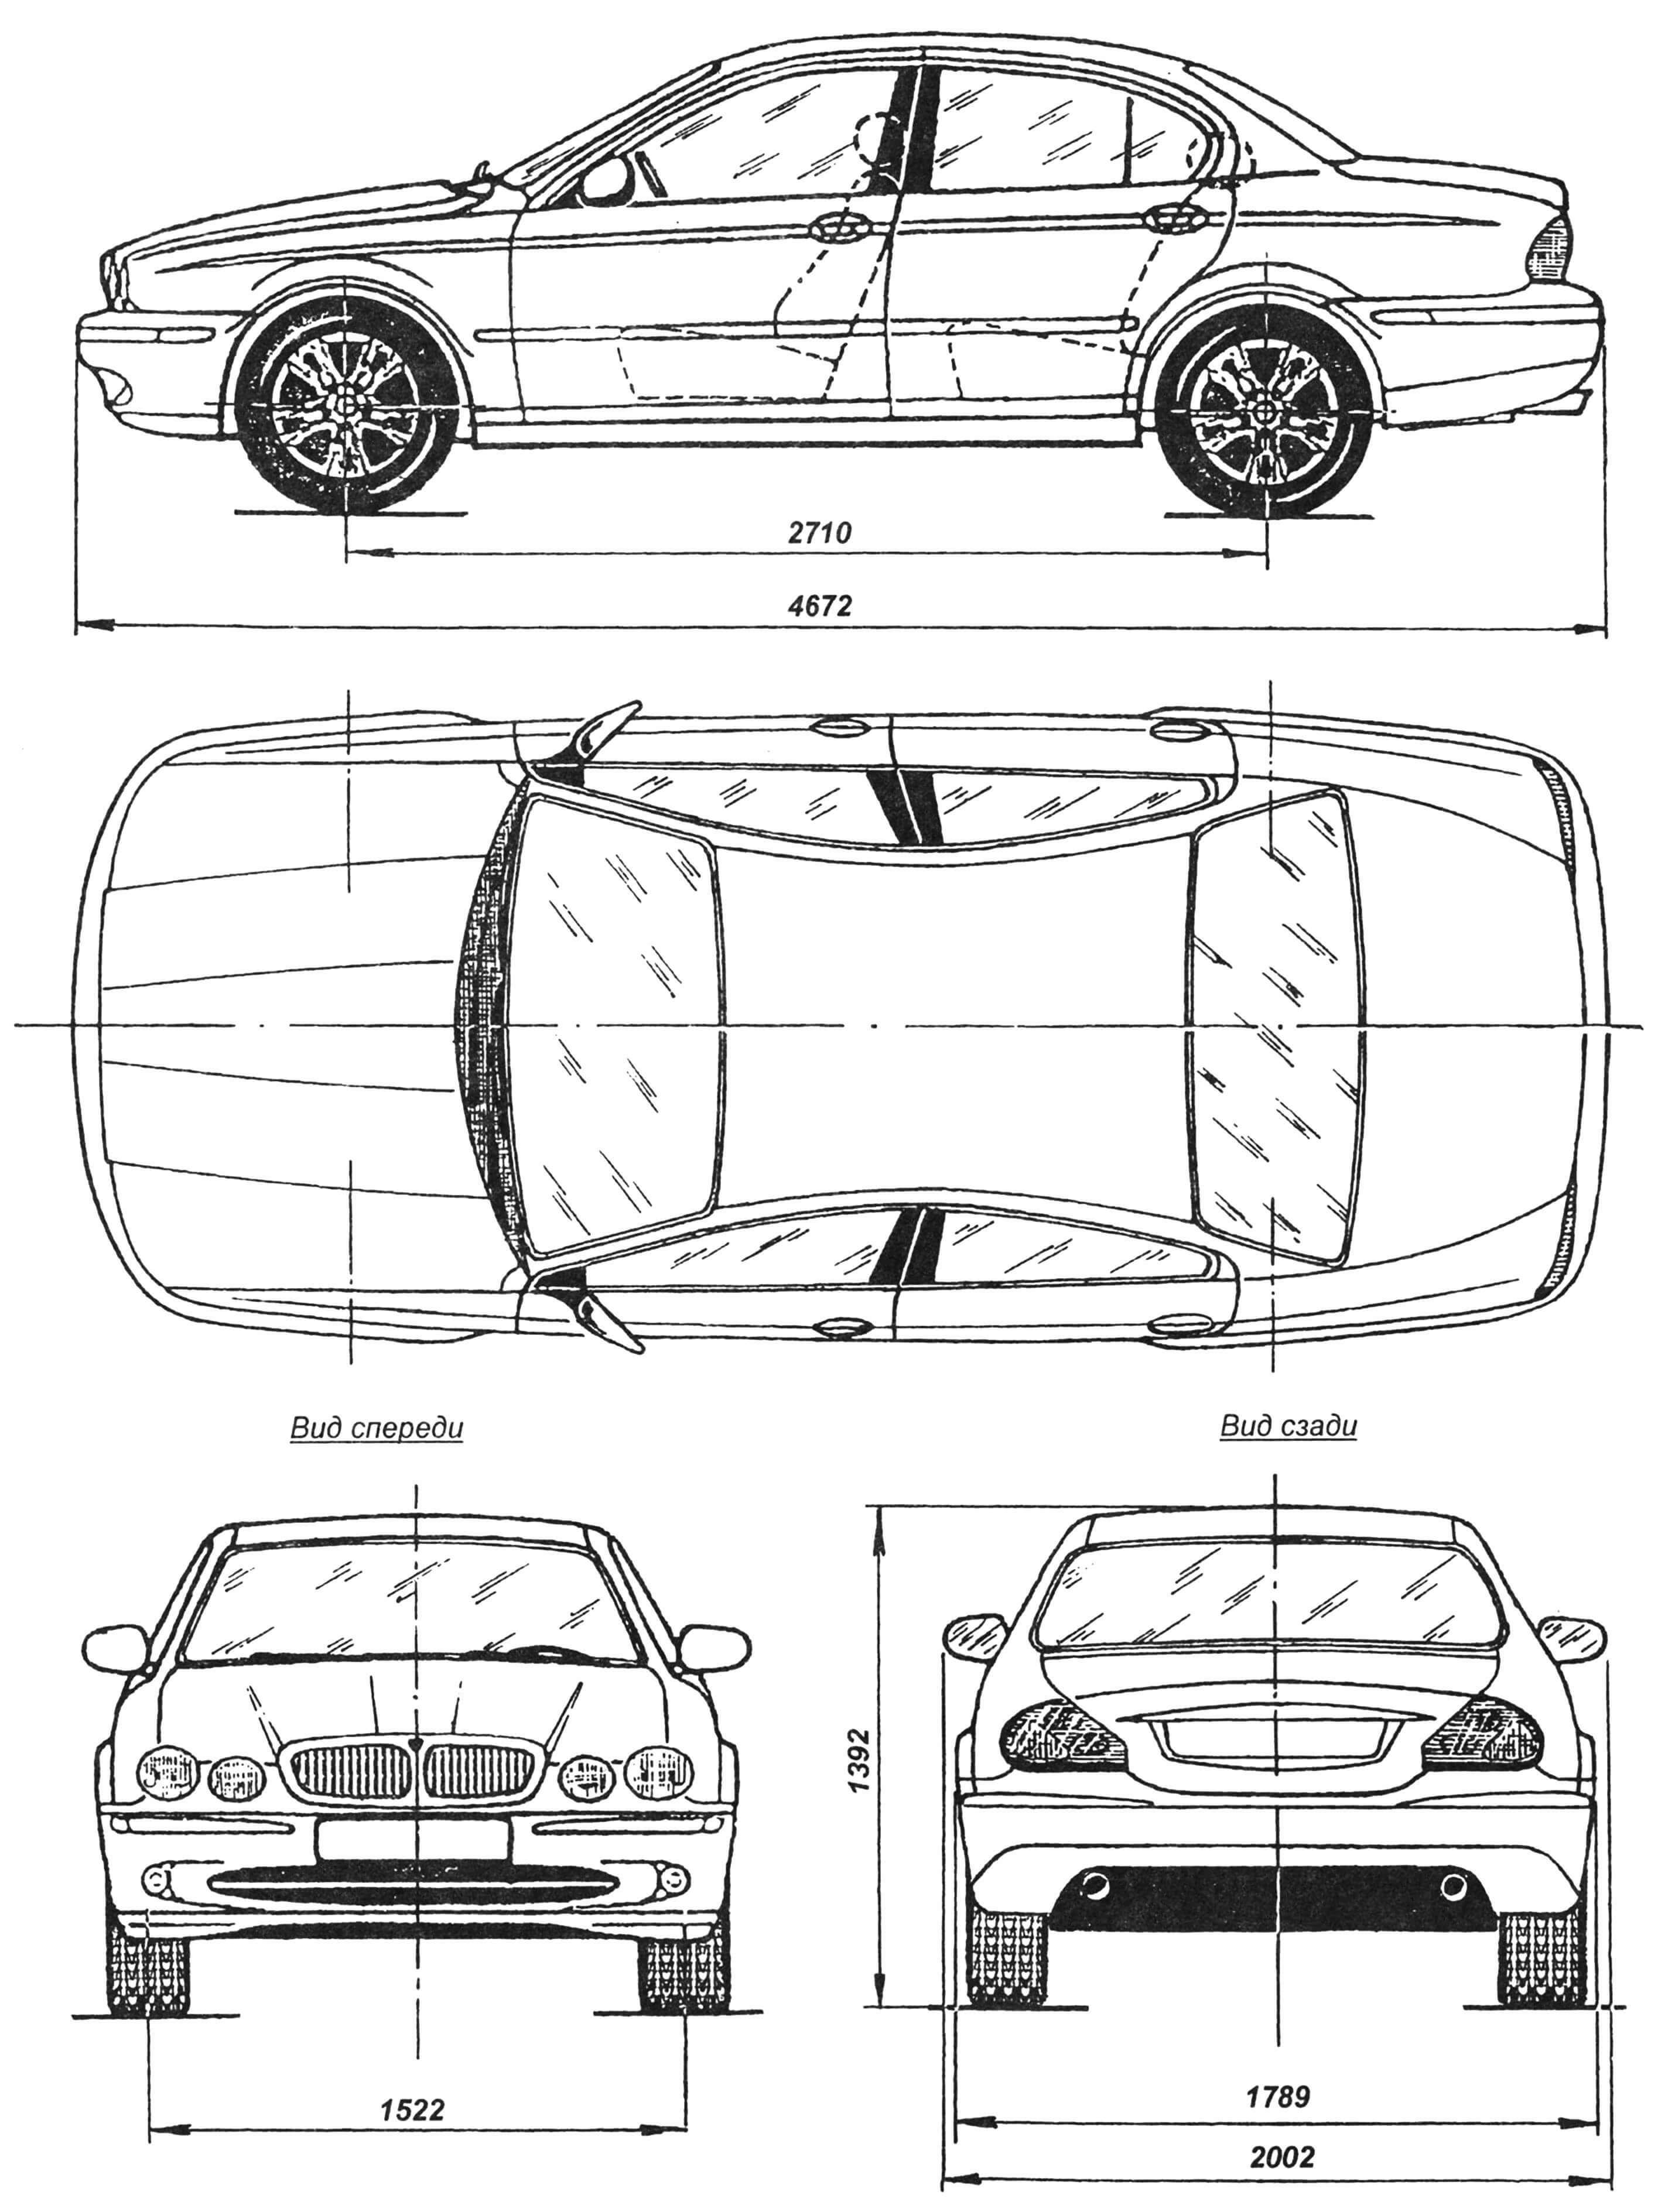 Геометрическая схема автомобиля Jaguar X-type 2001 года